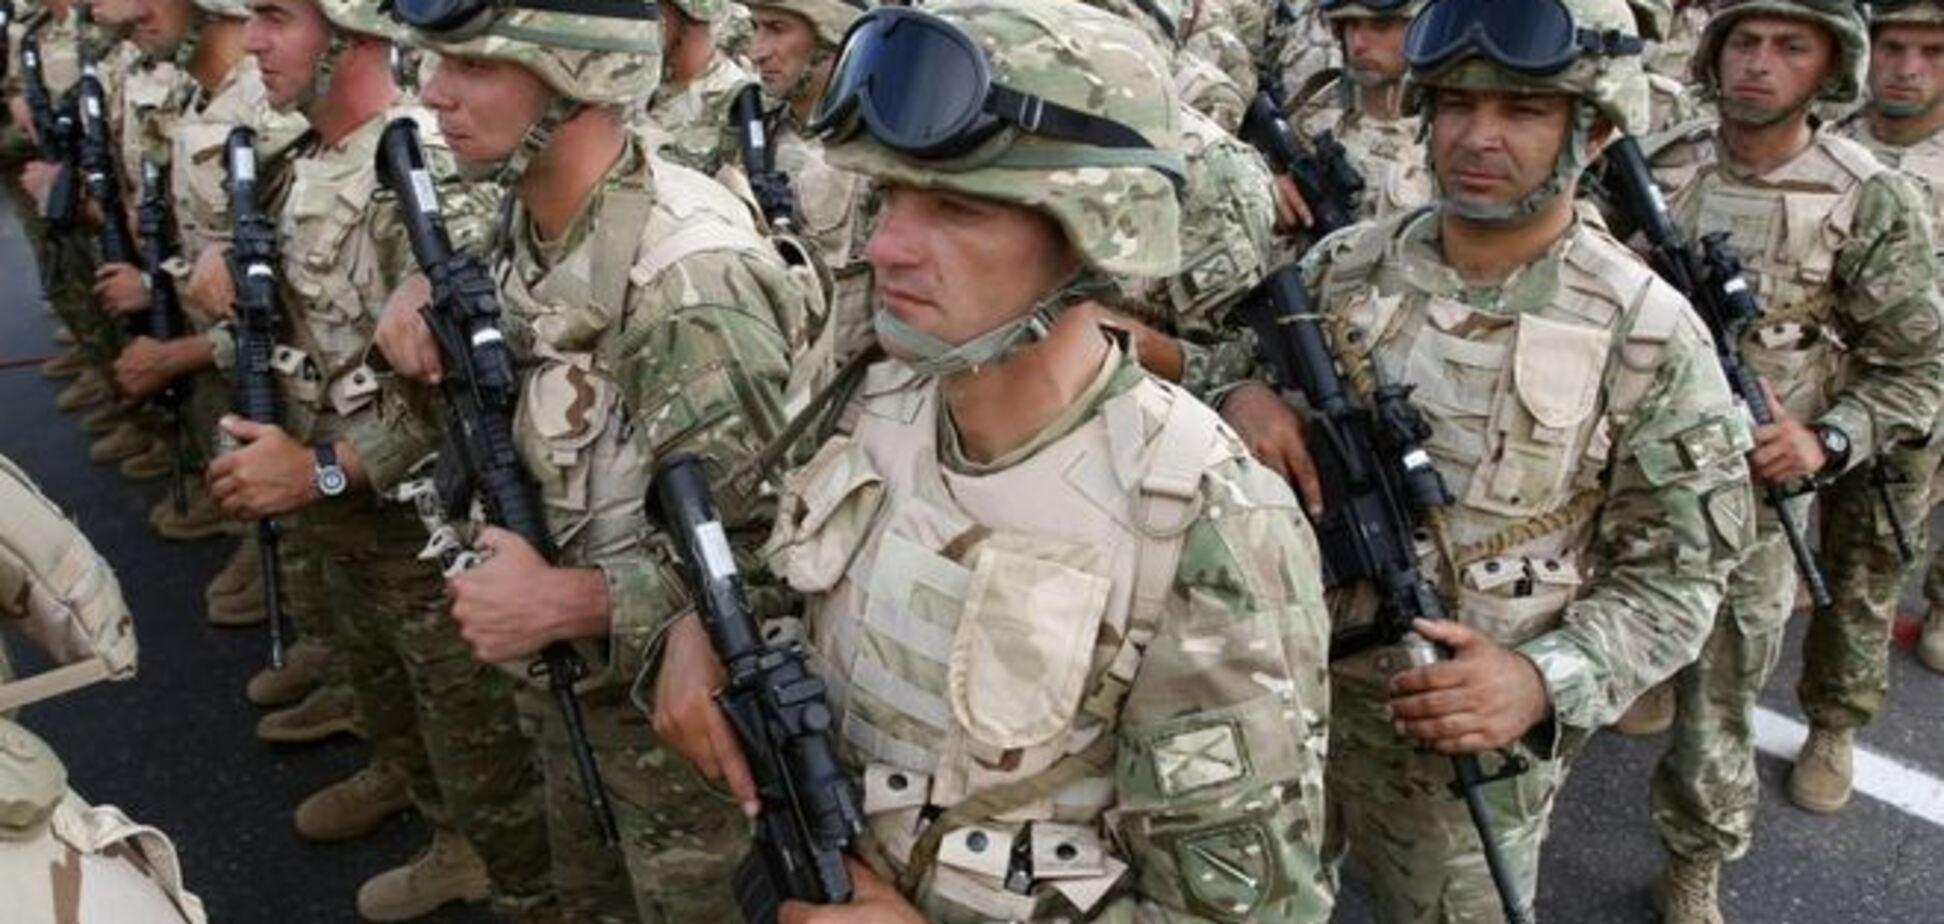 НАТО увеличивает численность корпуса 'Северо-Восток' на границе с Украиной